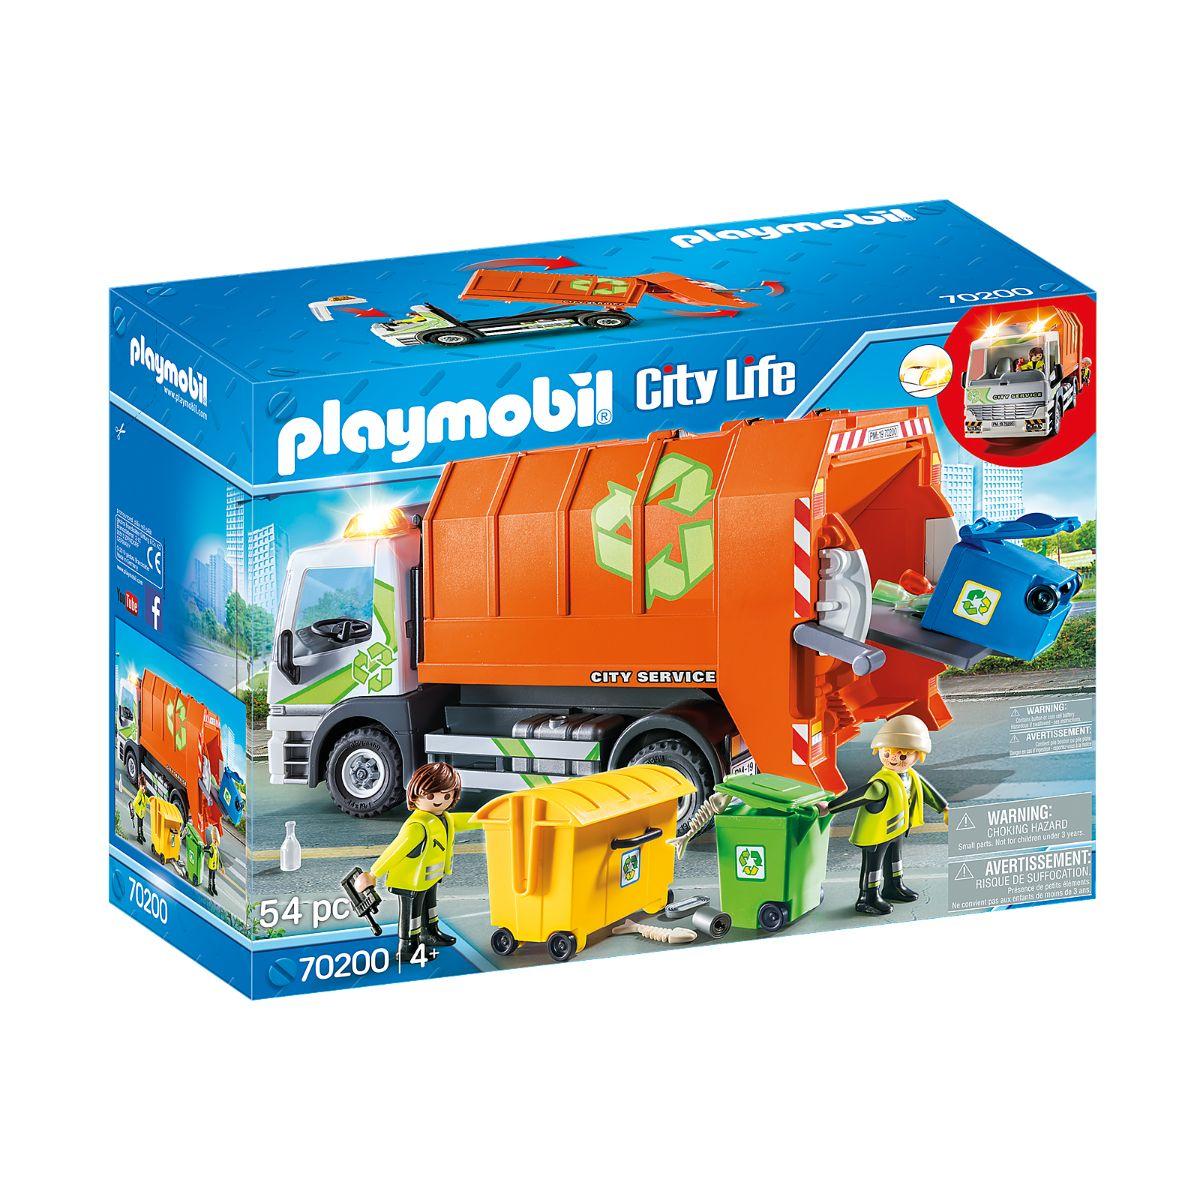 Set Playmobil City Life - Camion de reciclat